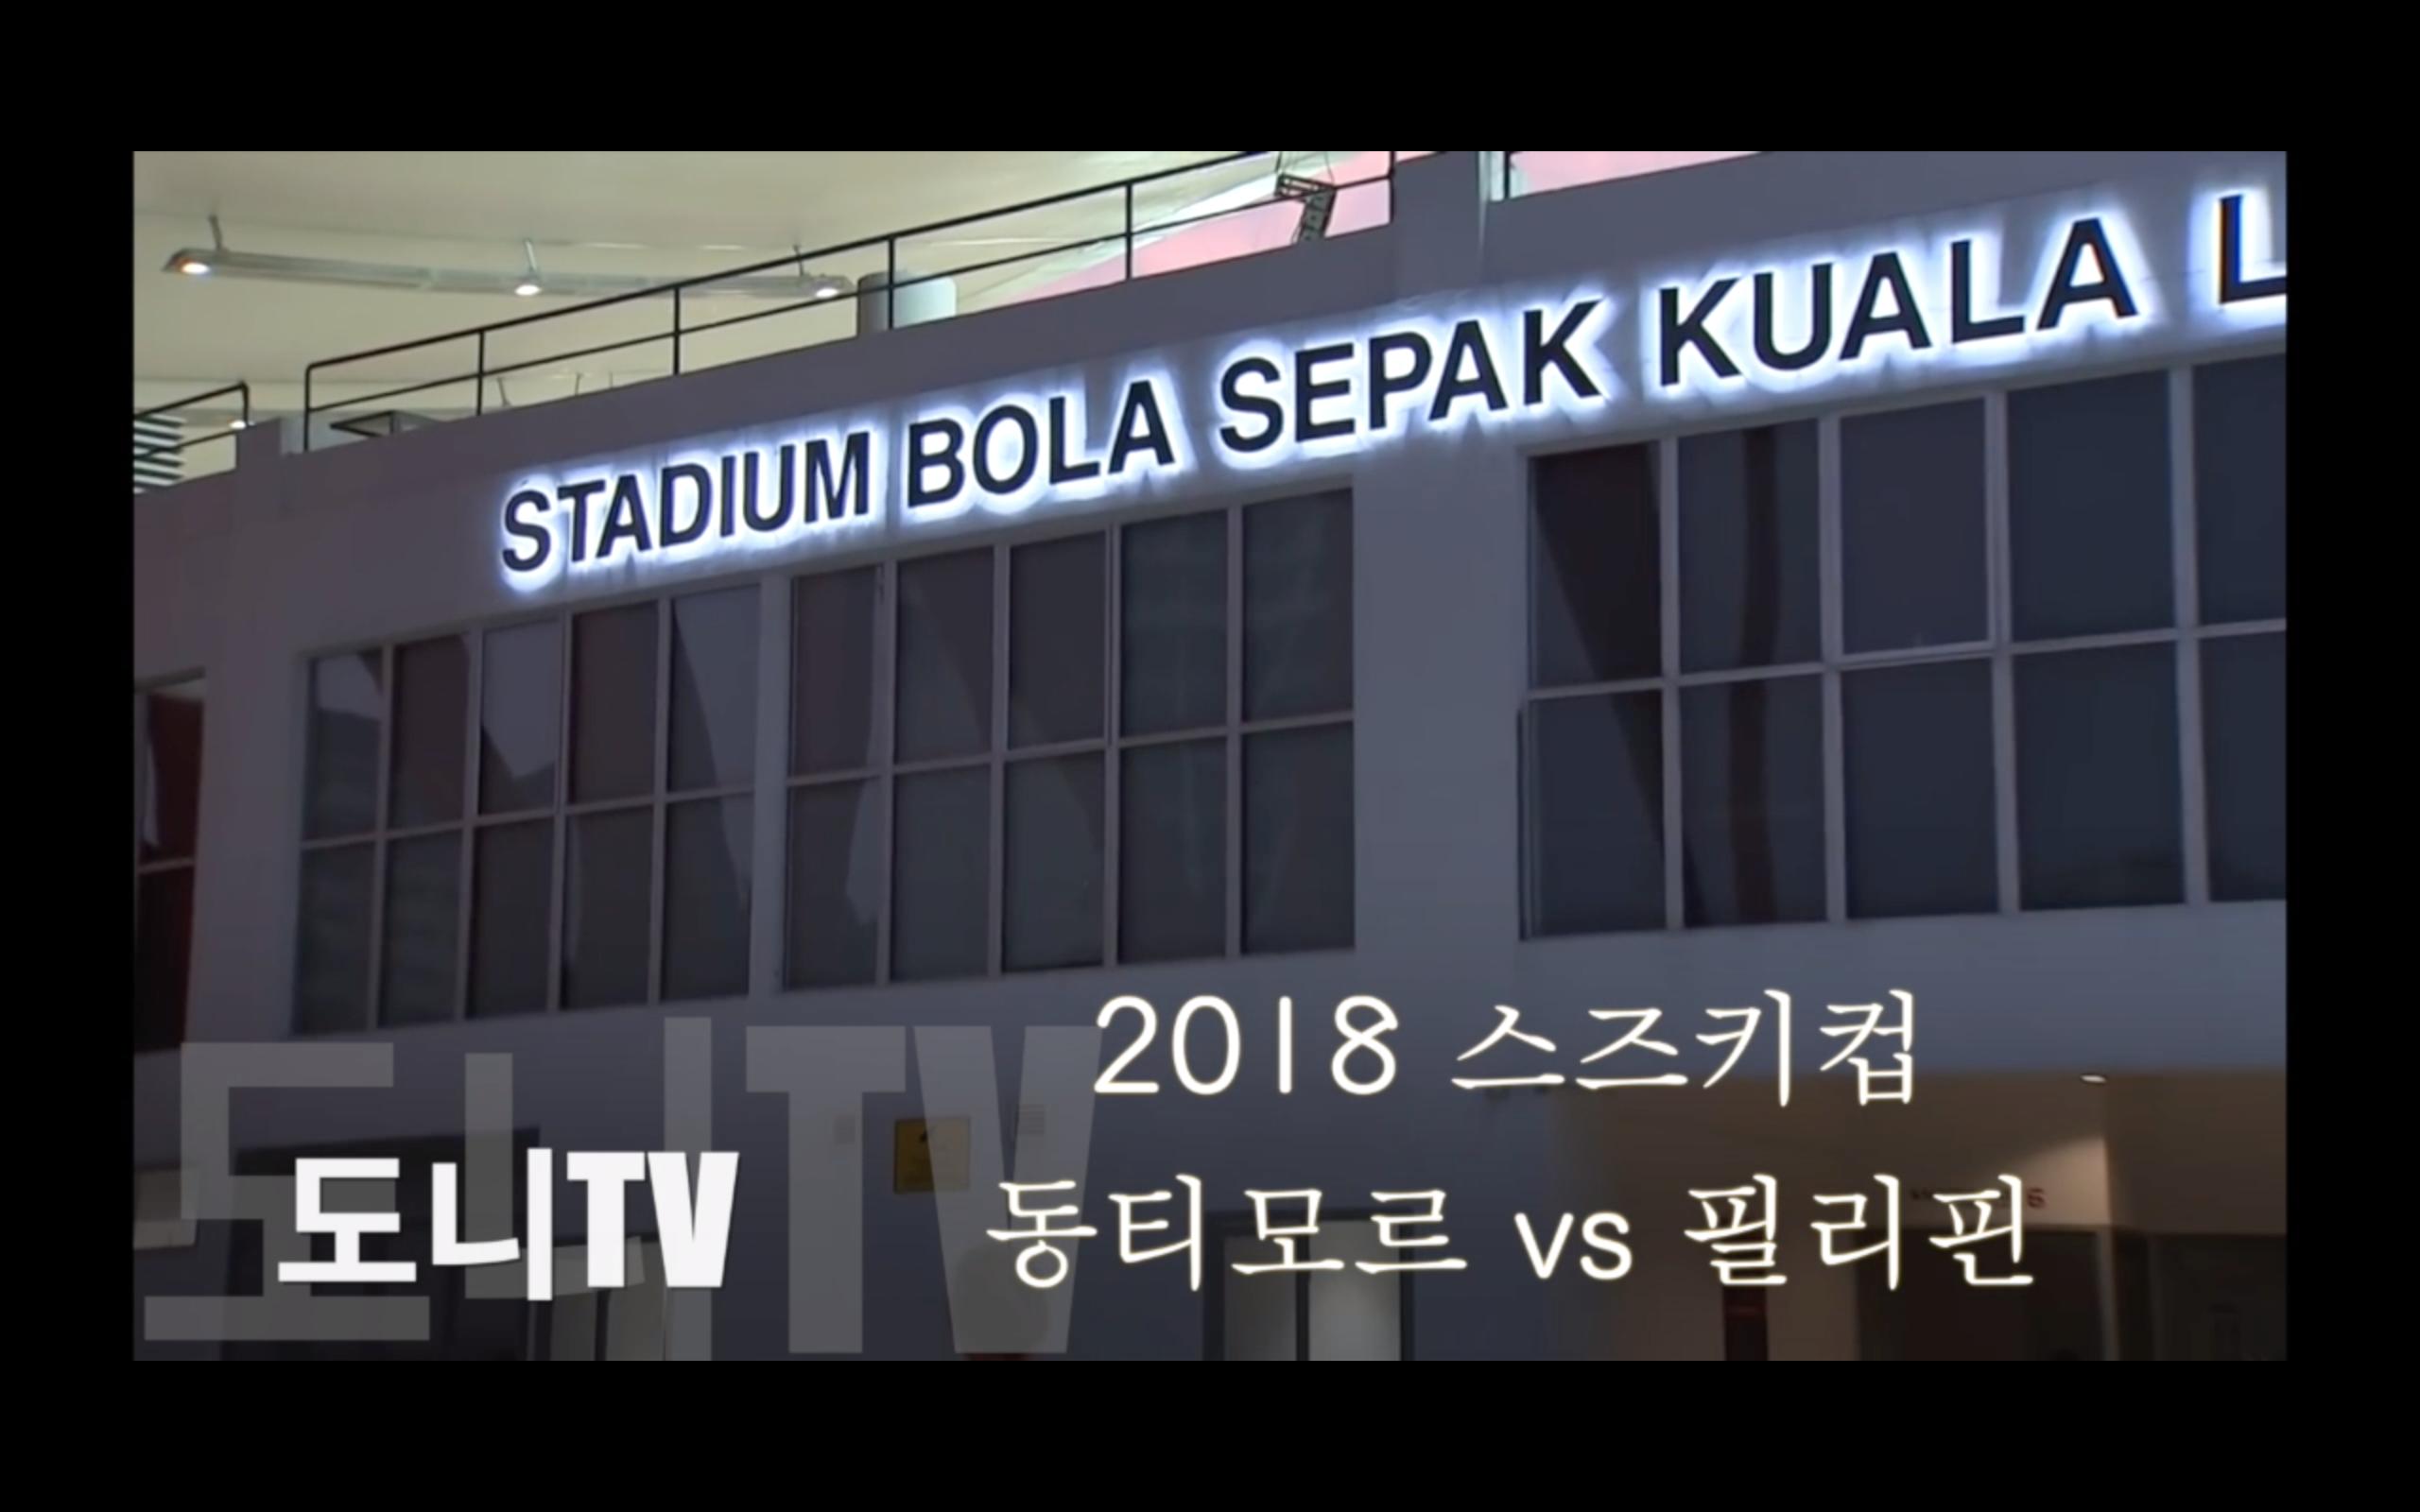 [2018스즈키컵] 동티모르 vs 필리핀 2분 하이라이트 (feat 필리핀 아시안컵 같은조)